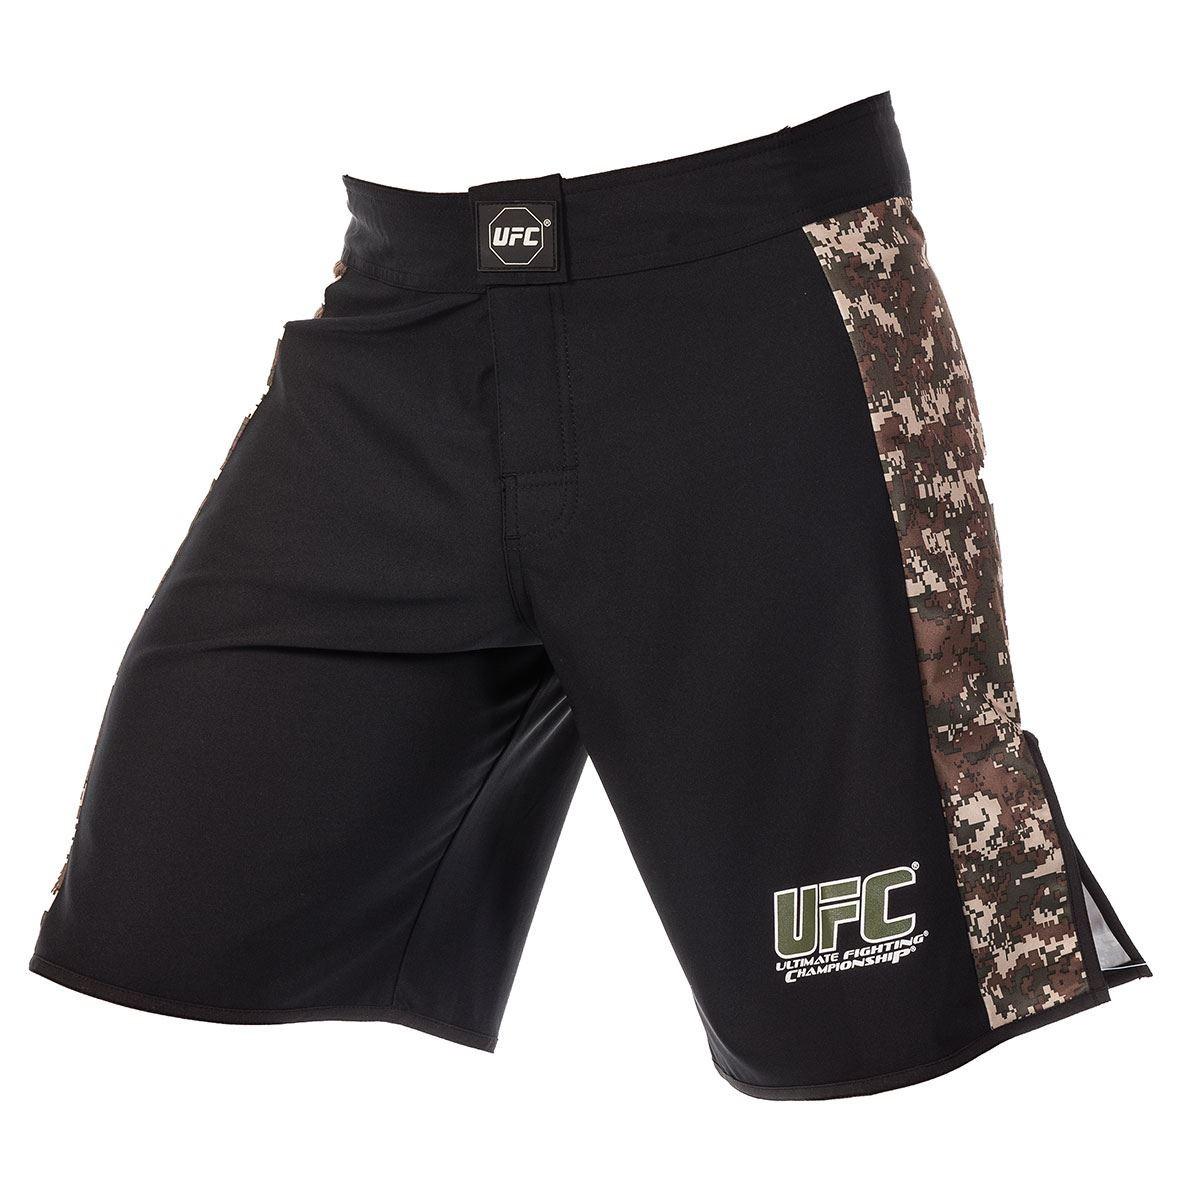 UFC Camo Short